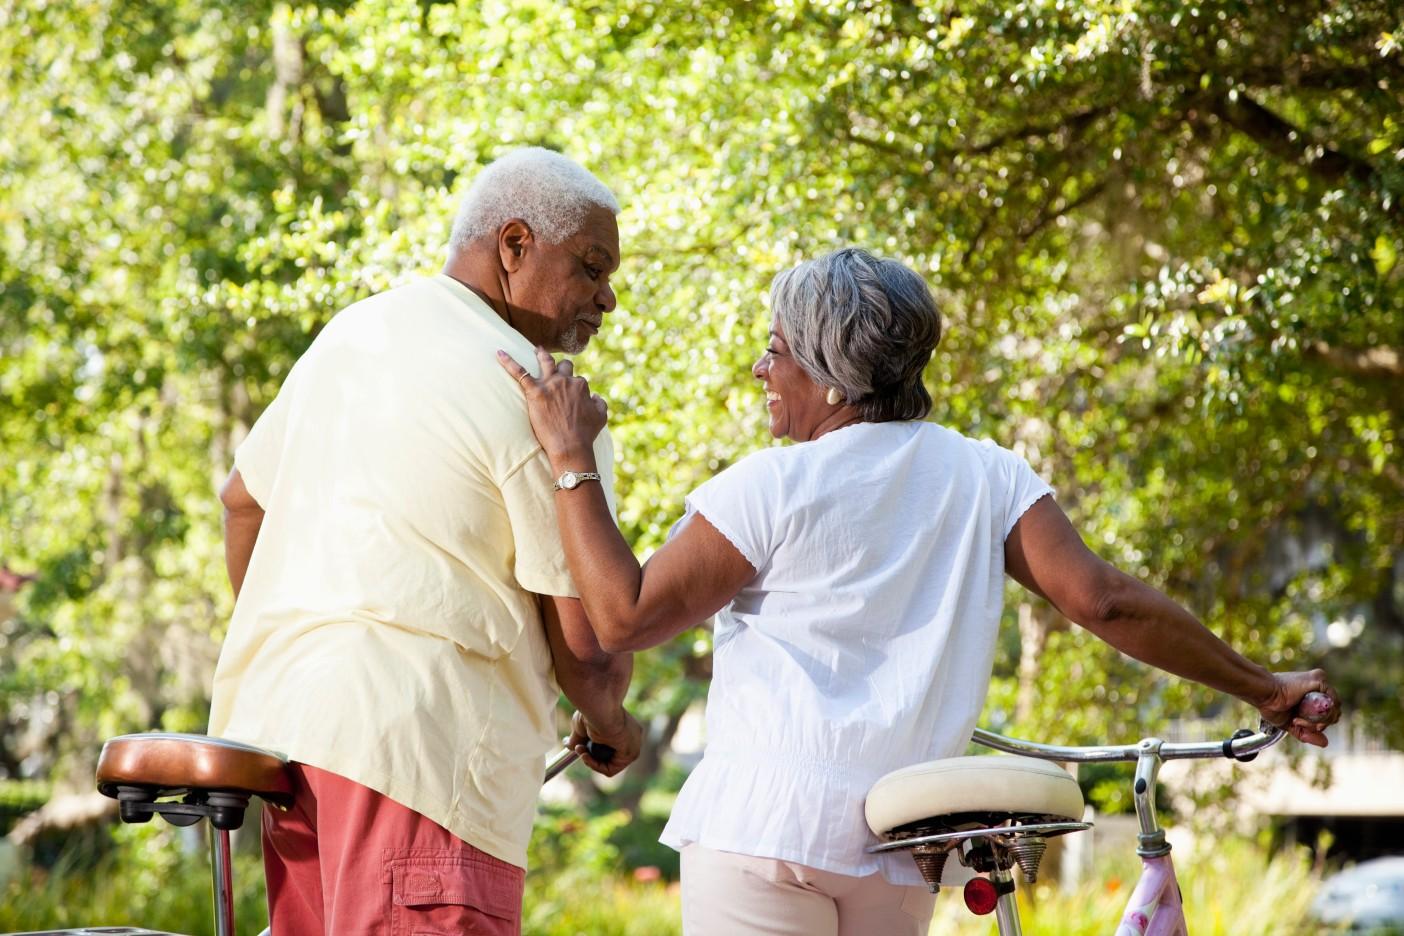 nemzetközi protokoll a magas vérnyomás cukorbetegség kezelésére vér és magas vérnyomás